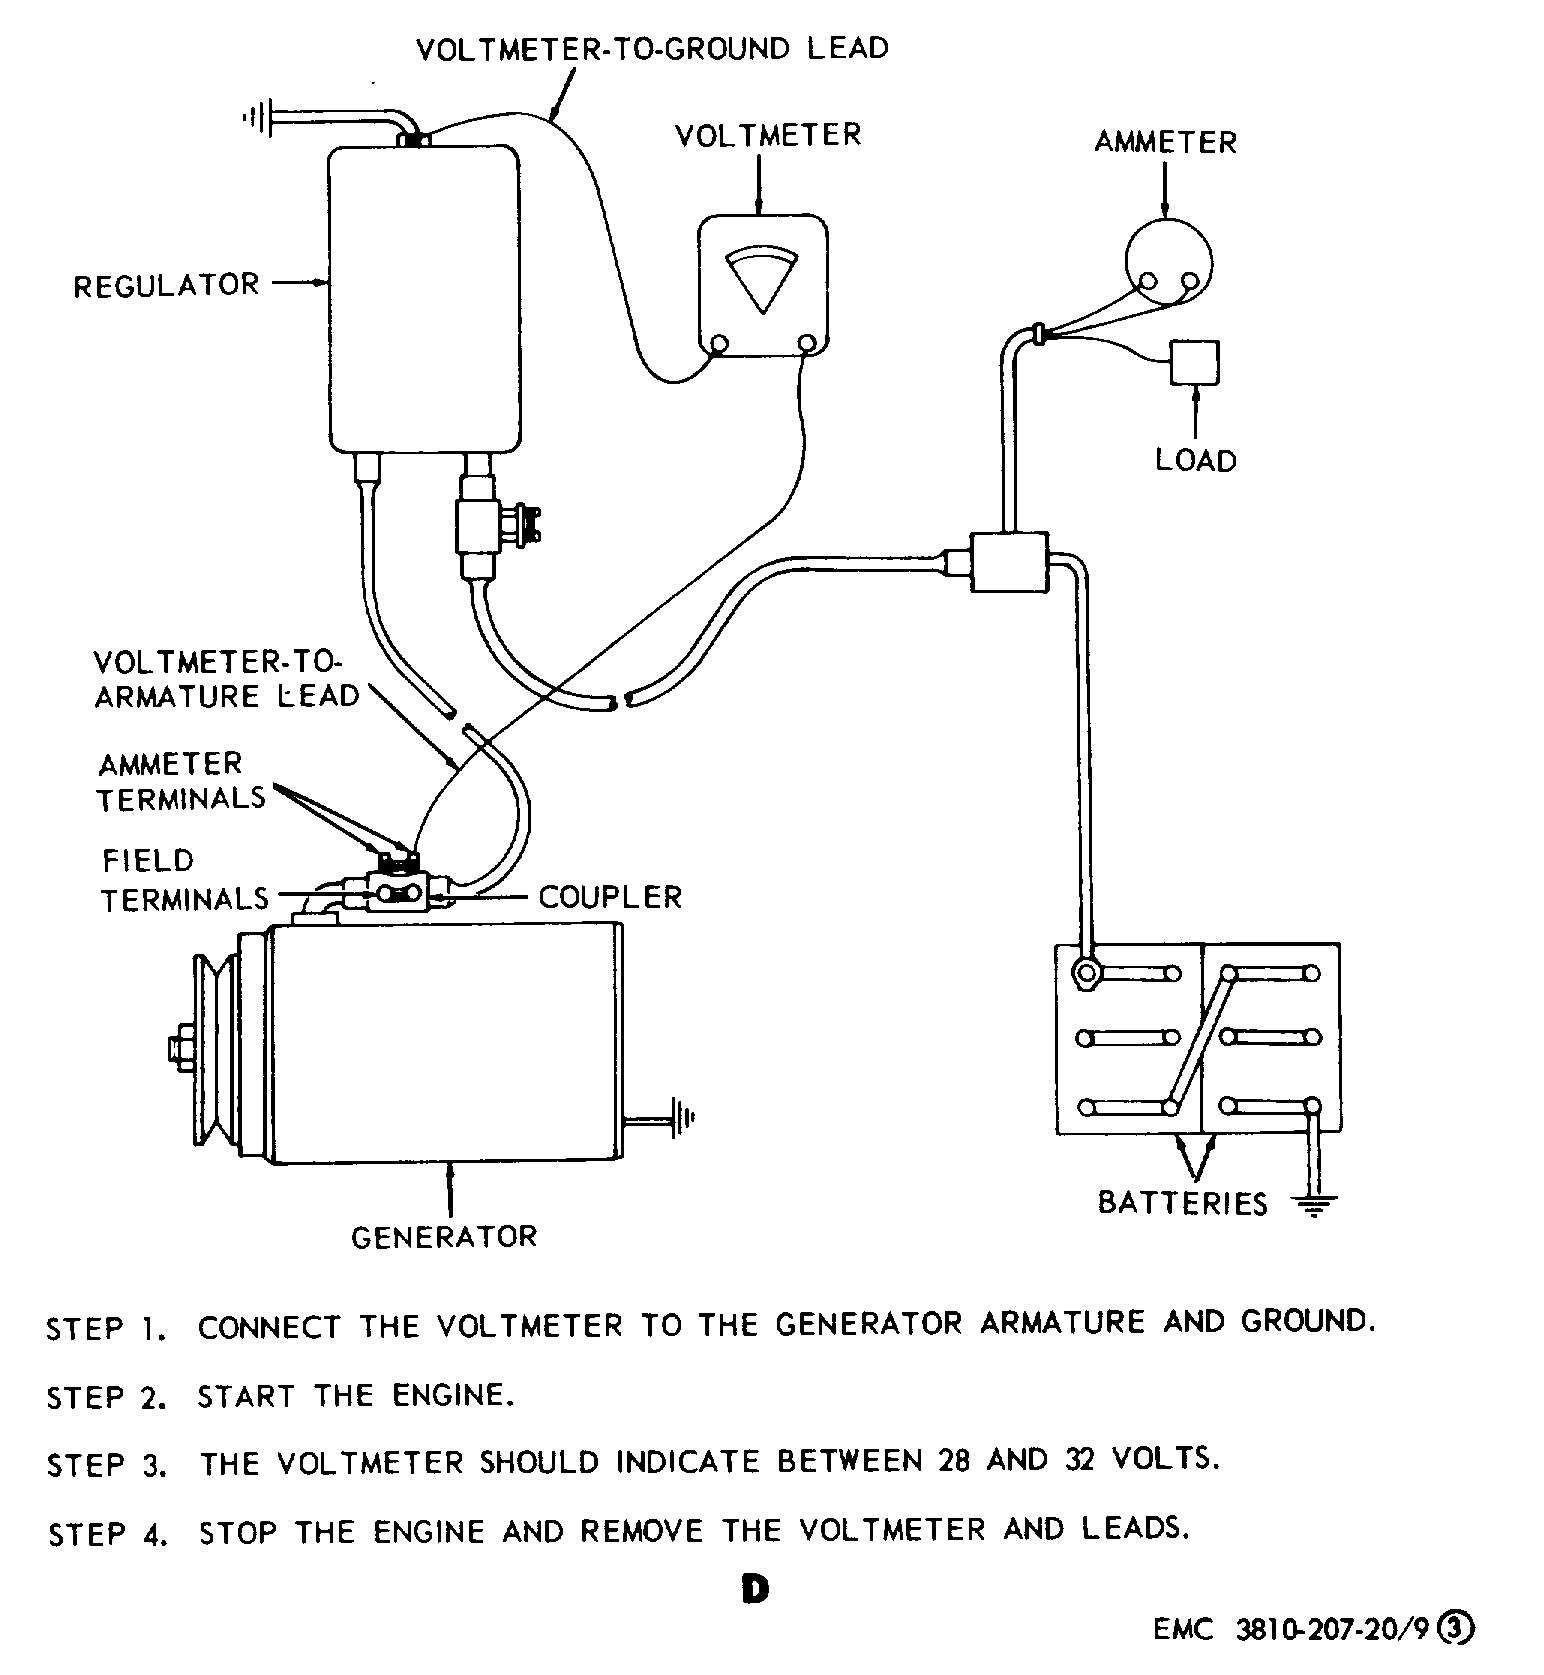 12 volt generator wiring diagram ford fairlane wiring diagram Marathon Generators Wire Diagram 12